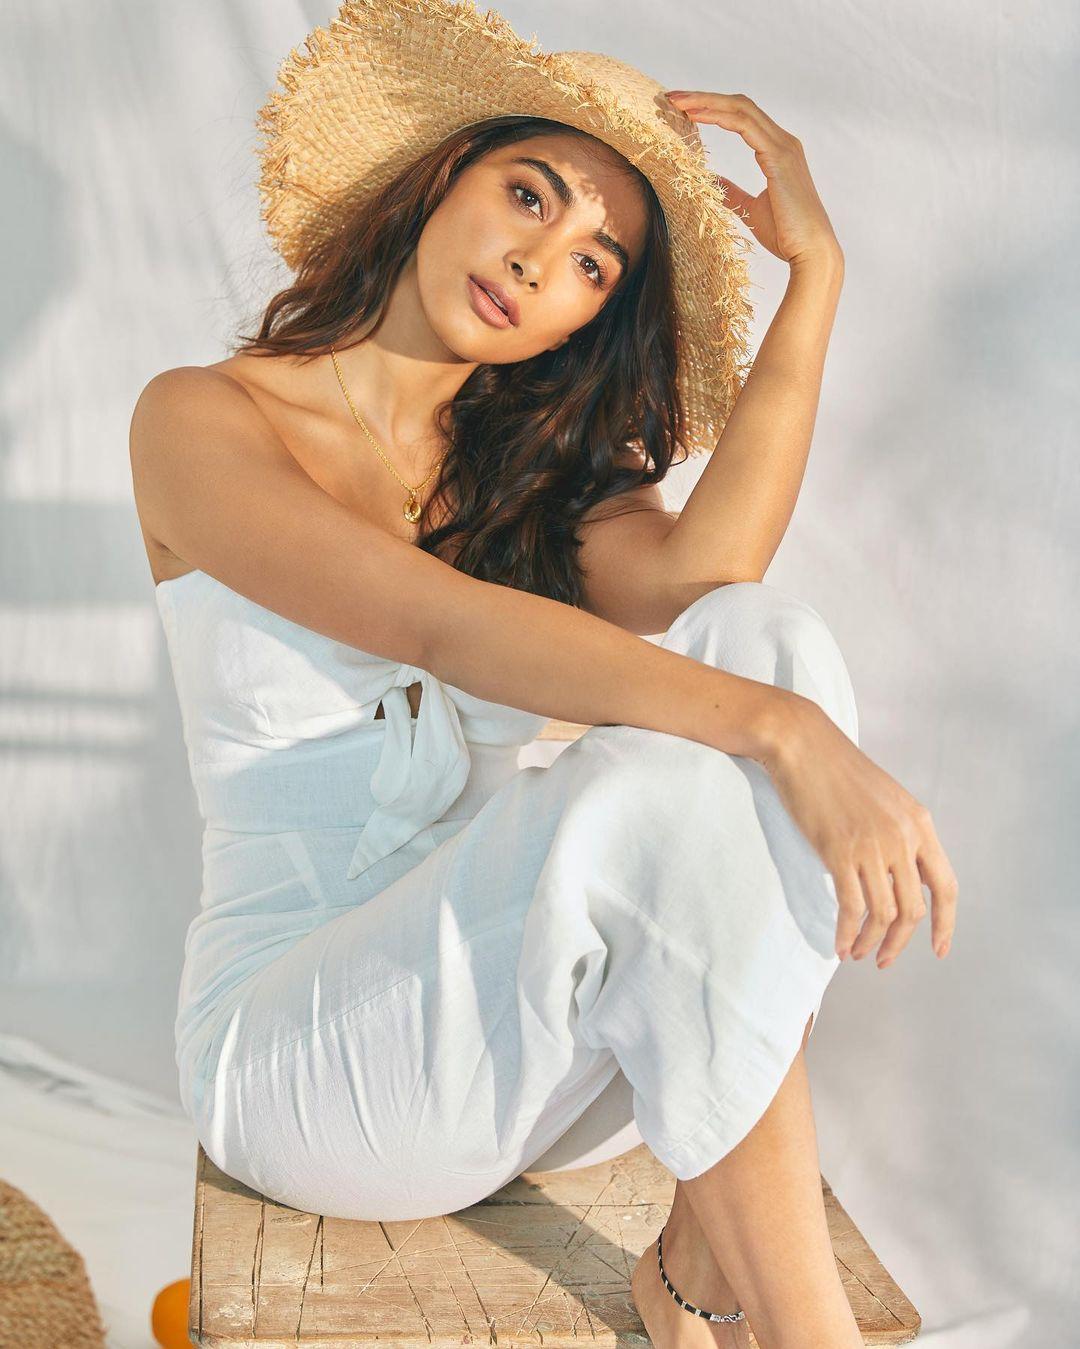 Pooja Hegde to romance Pawan Kalyan in Bhavadeeyudu Bhagat Singh?